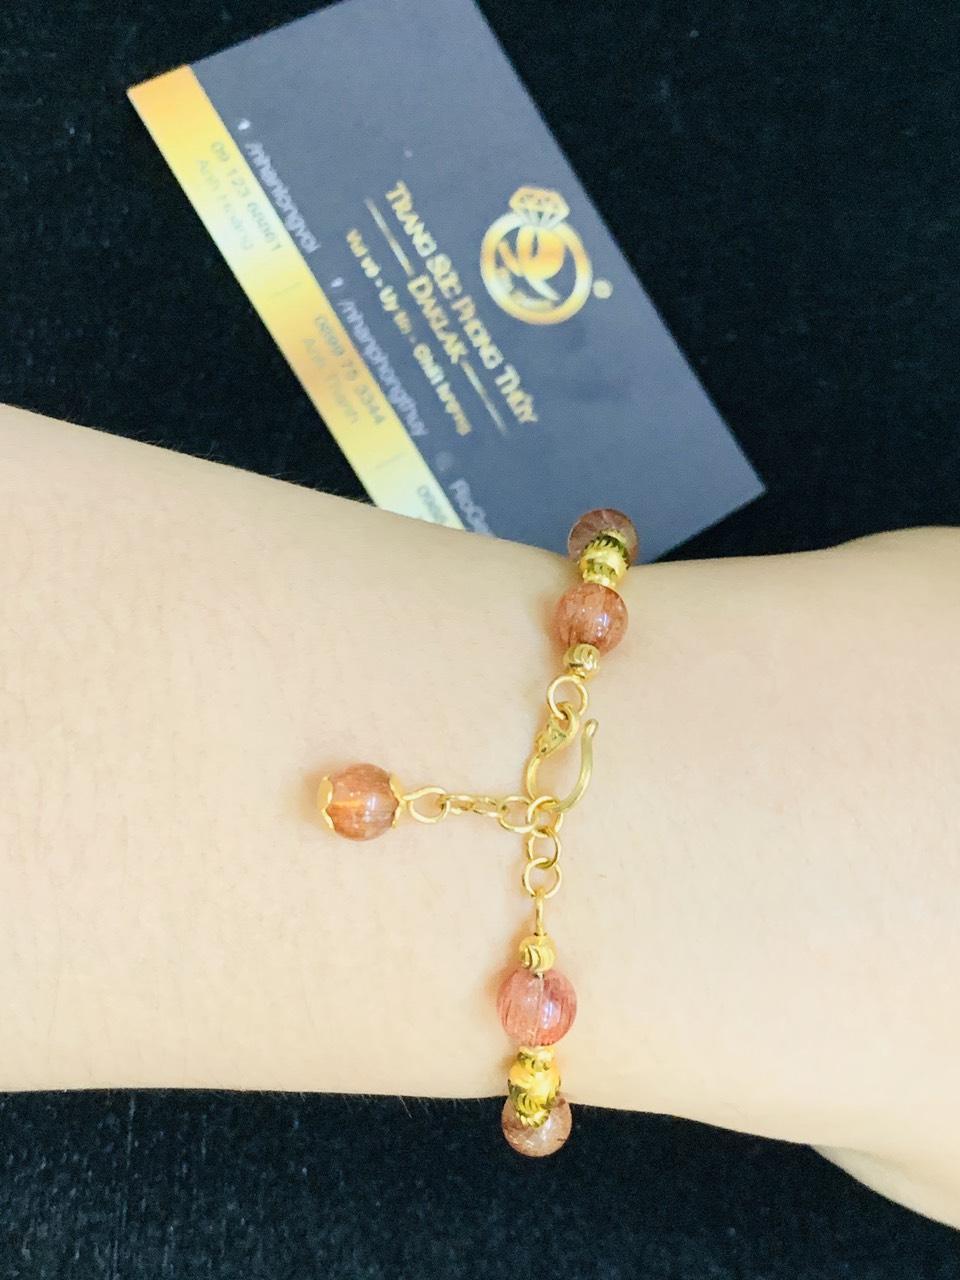 Lắc tay Thạch Anh tóc đỏ 8li mix vàng tạo điểm nhấn cho người đeo nhờ sự kết hợp giữa đá Thạch Anh và vàng 18K